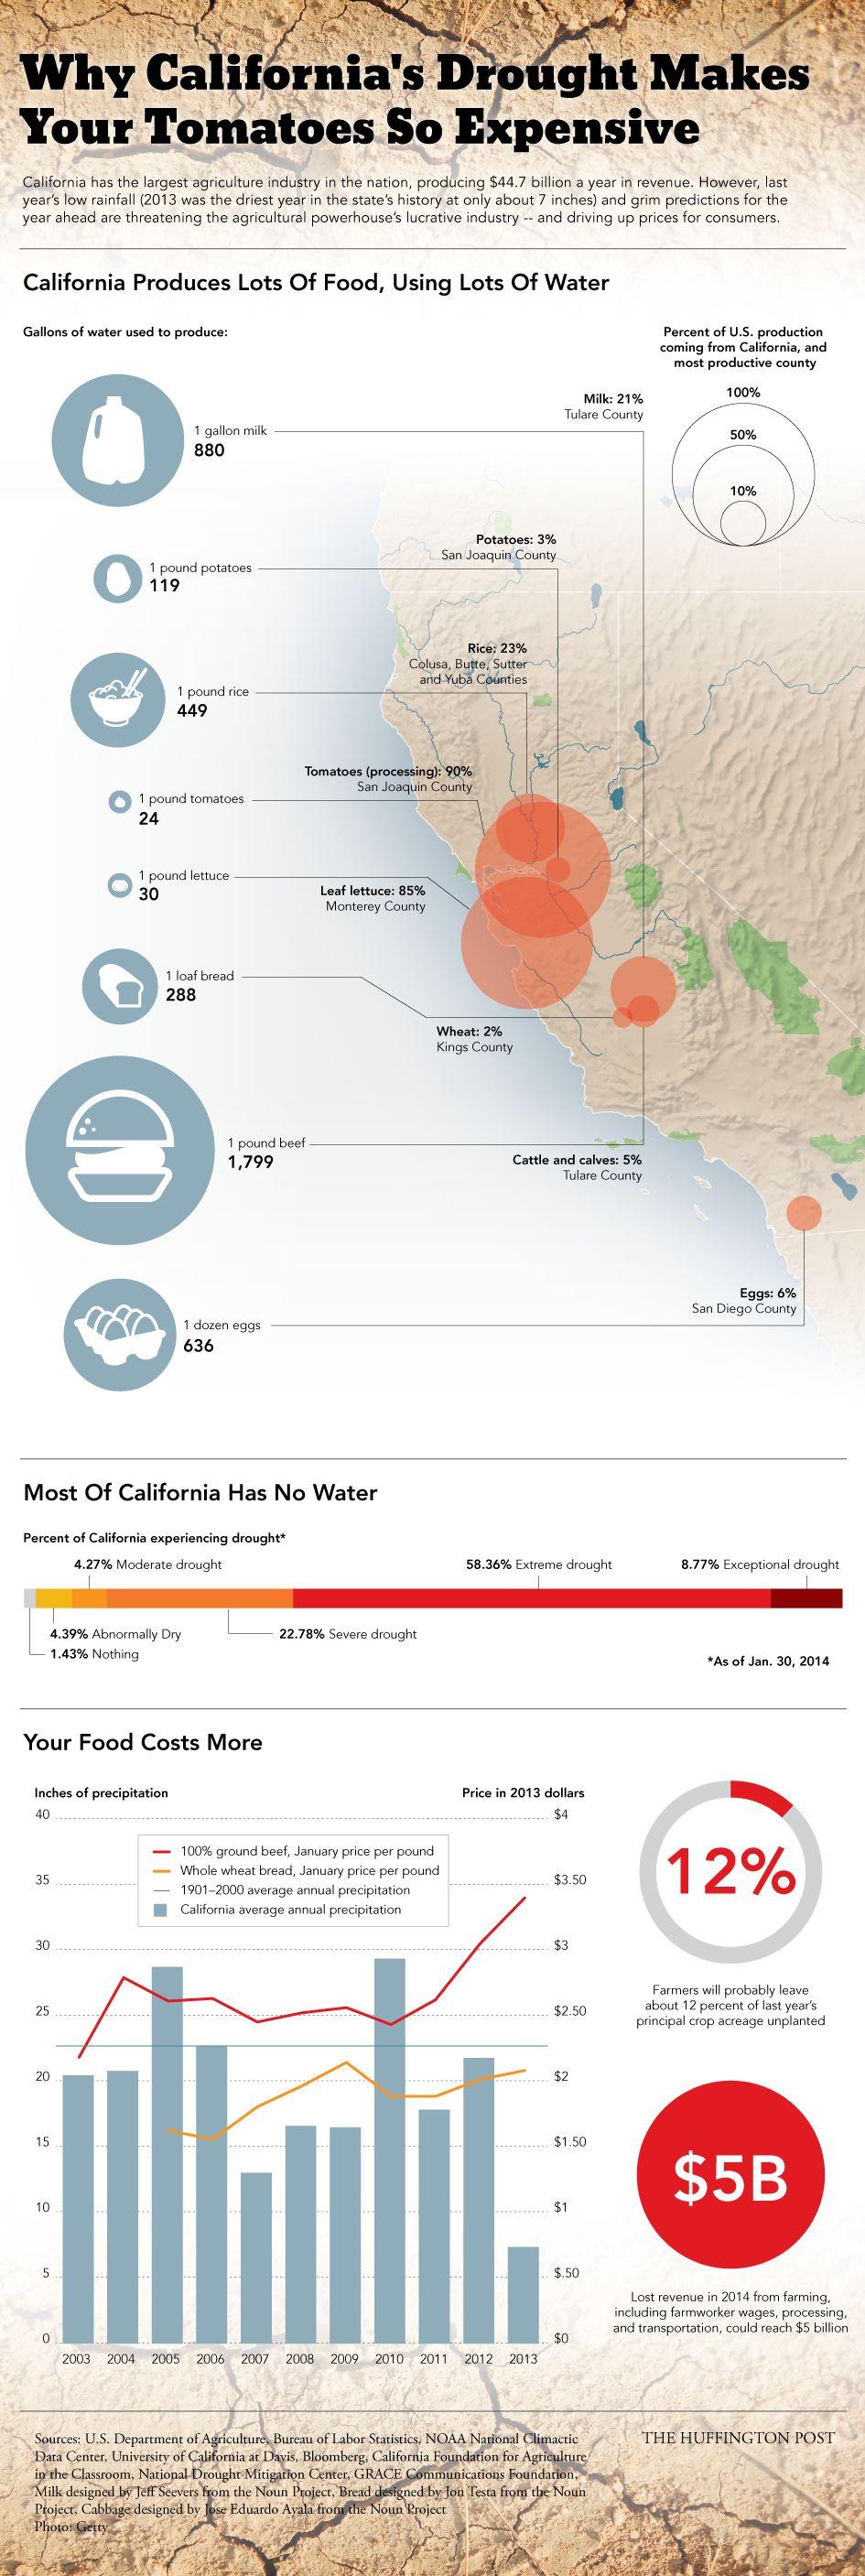 カリフォルニアの干害と「農産物価格の高騰」